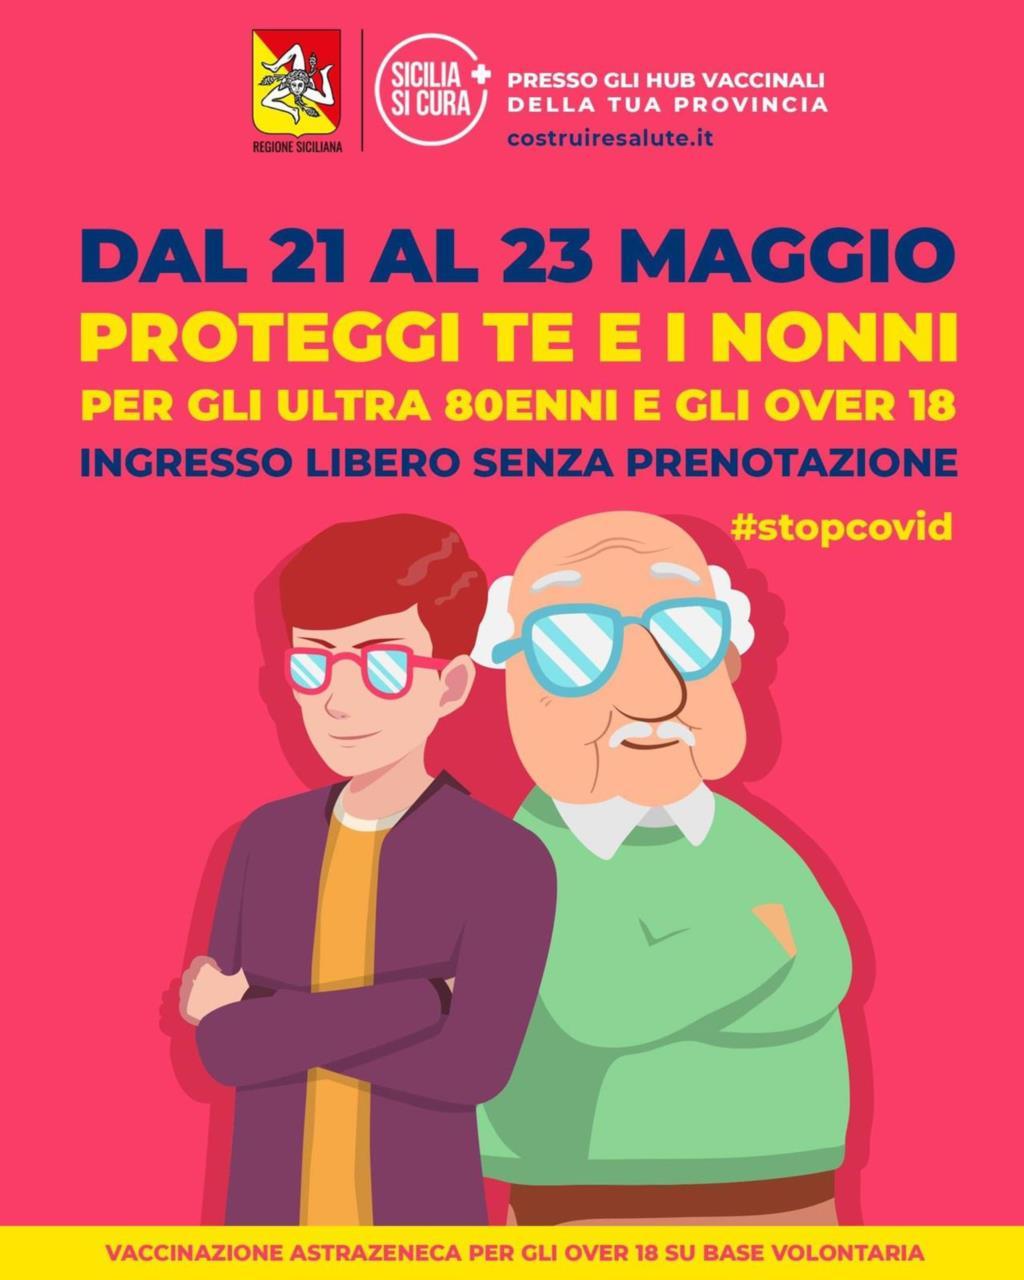 Vaccini, la nuova iniziativa della Regione Siciliana